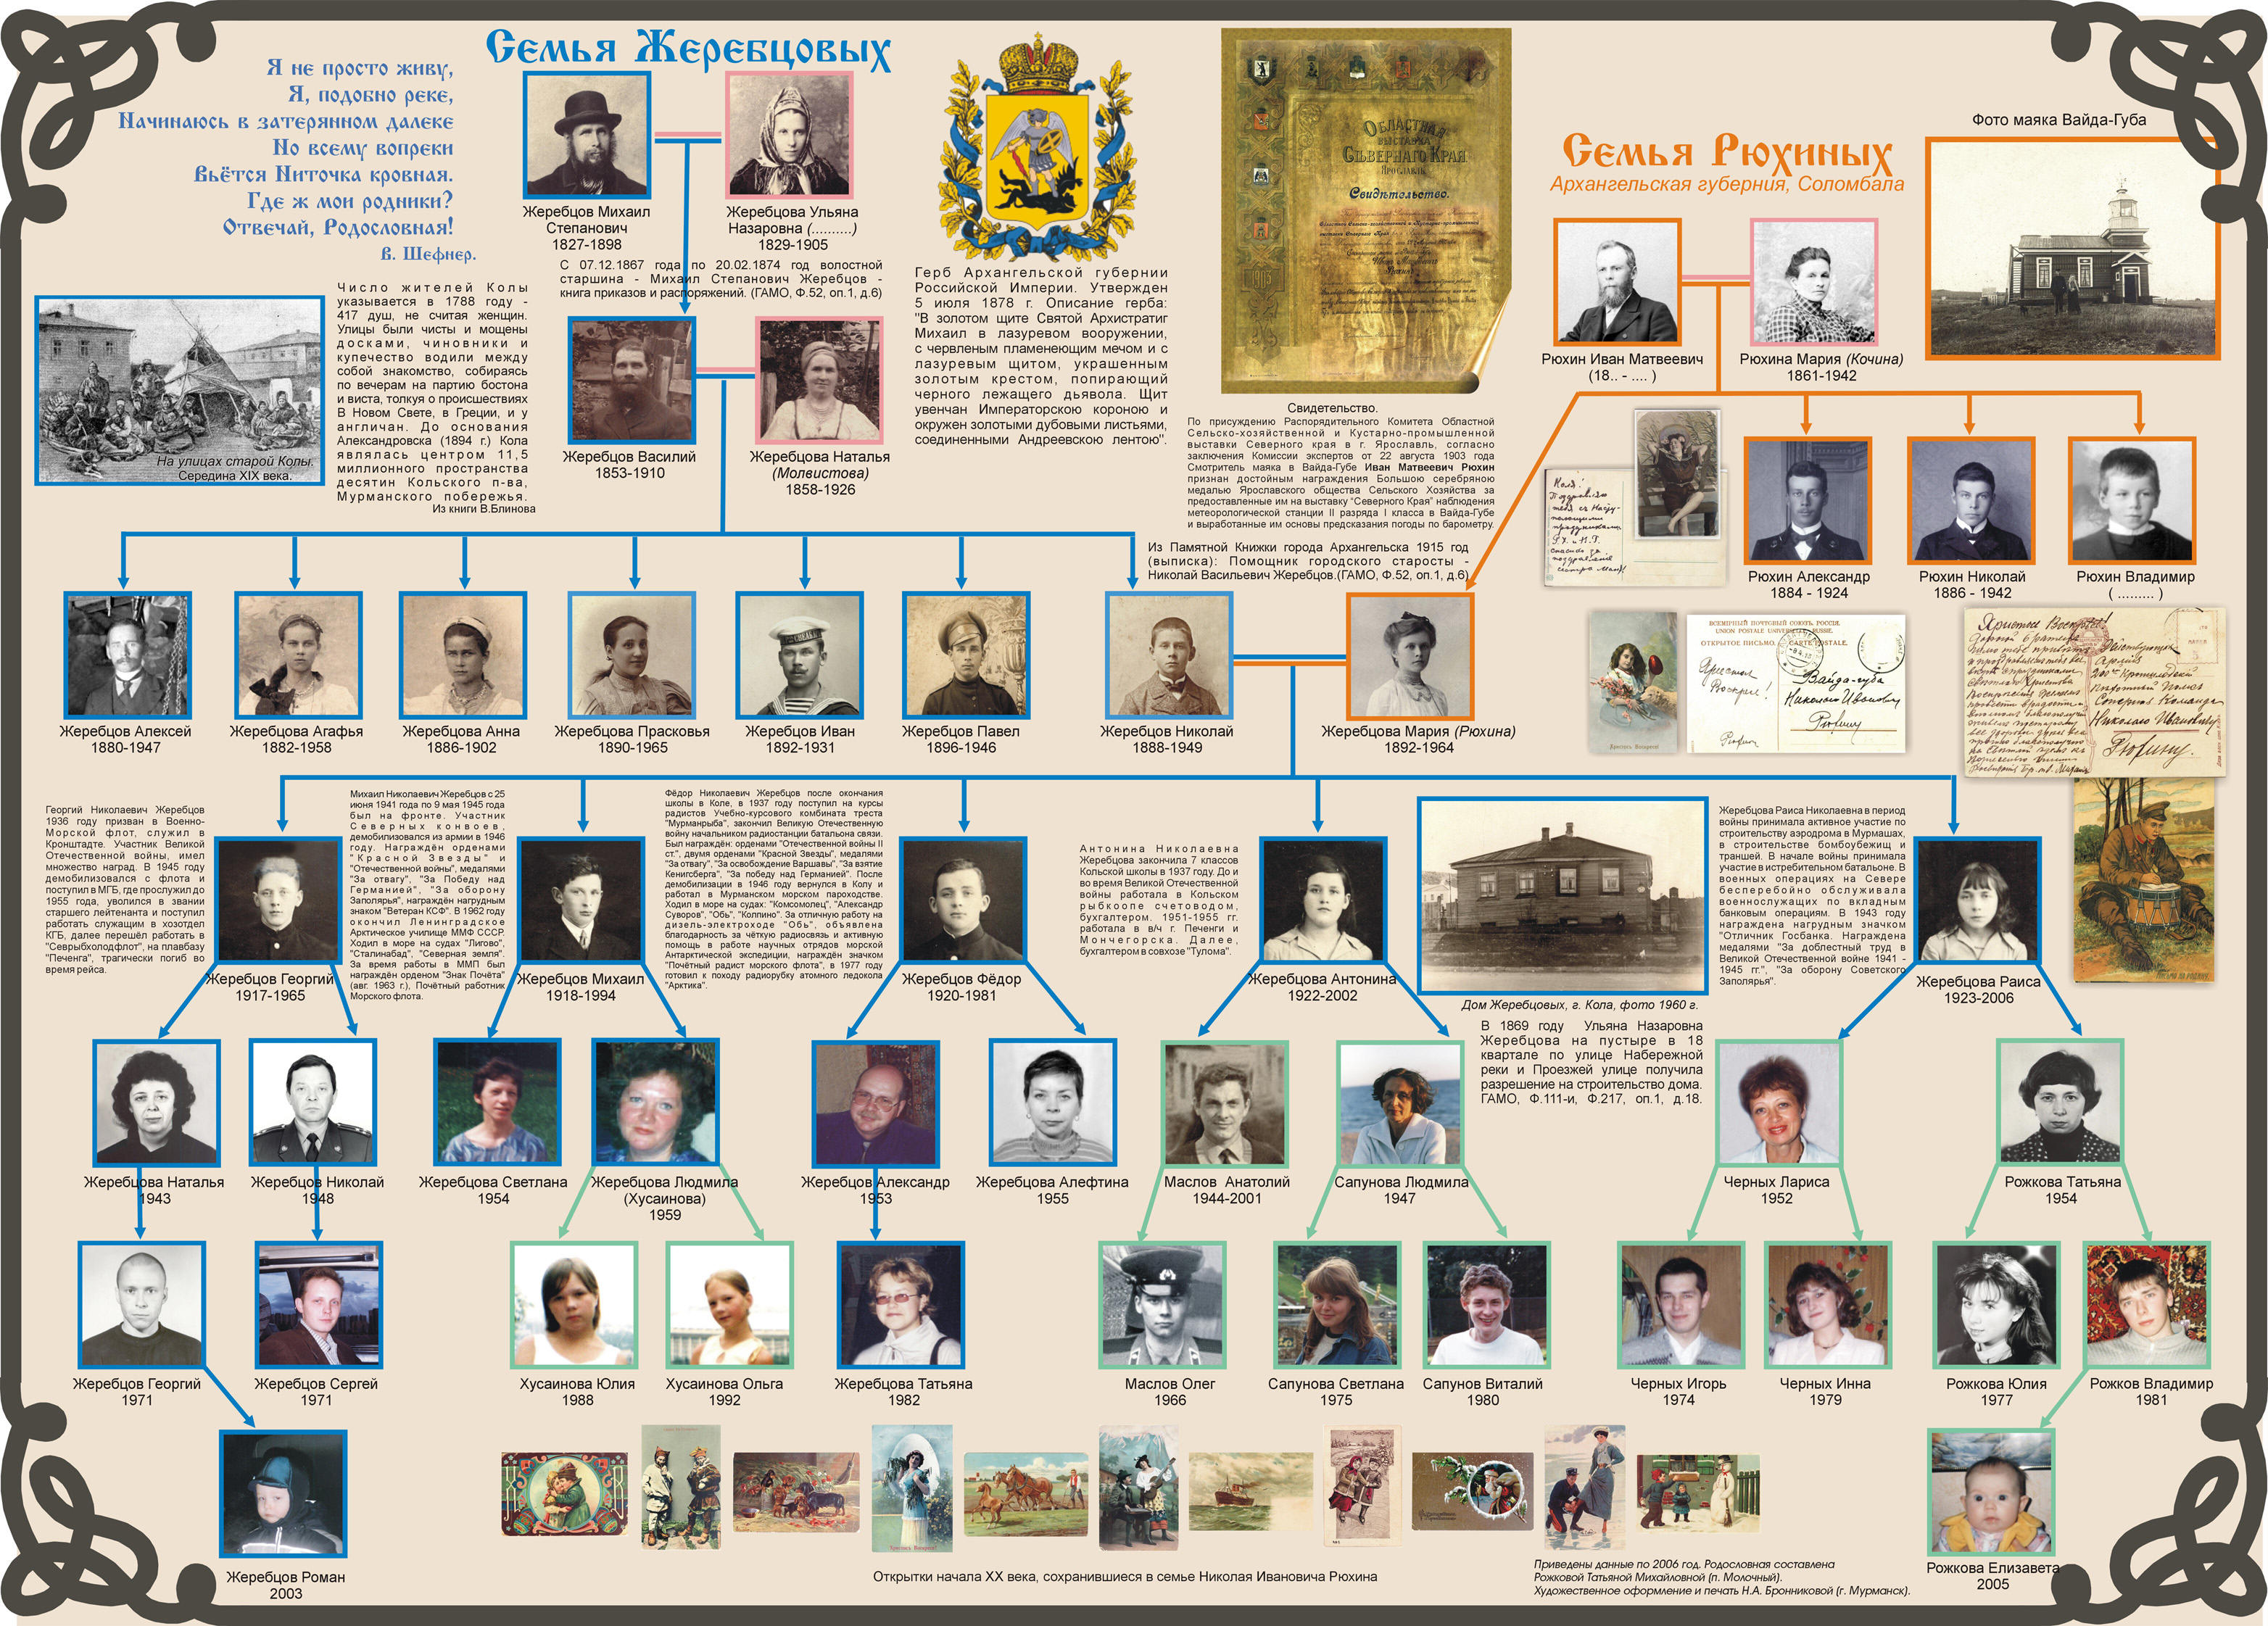 генеалогическое древо семьи в иркутске состав